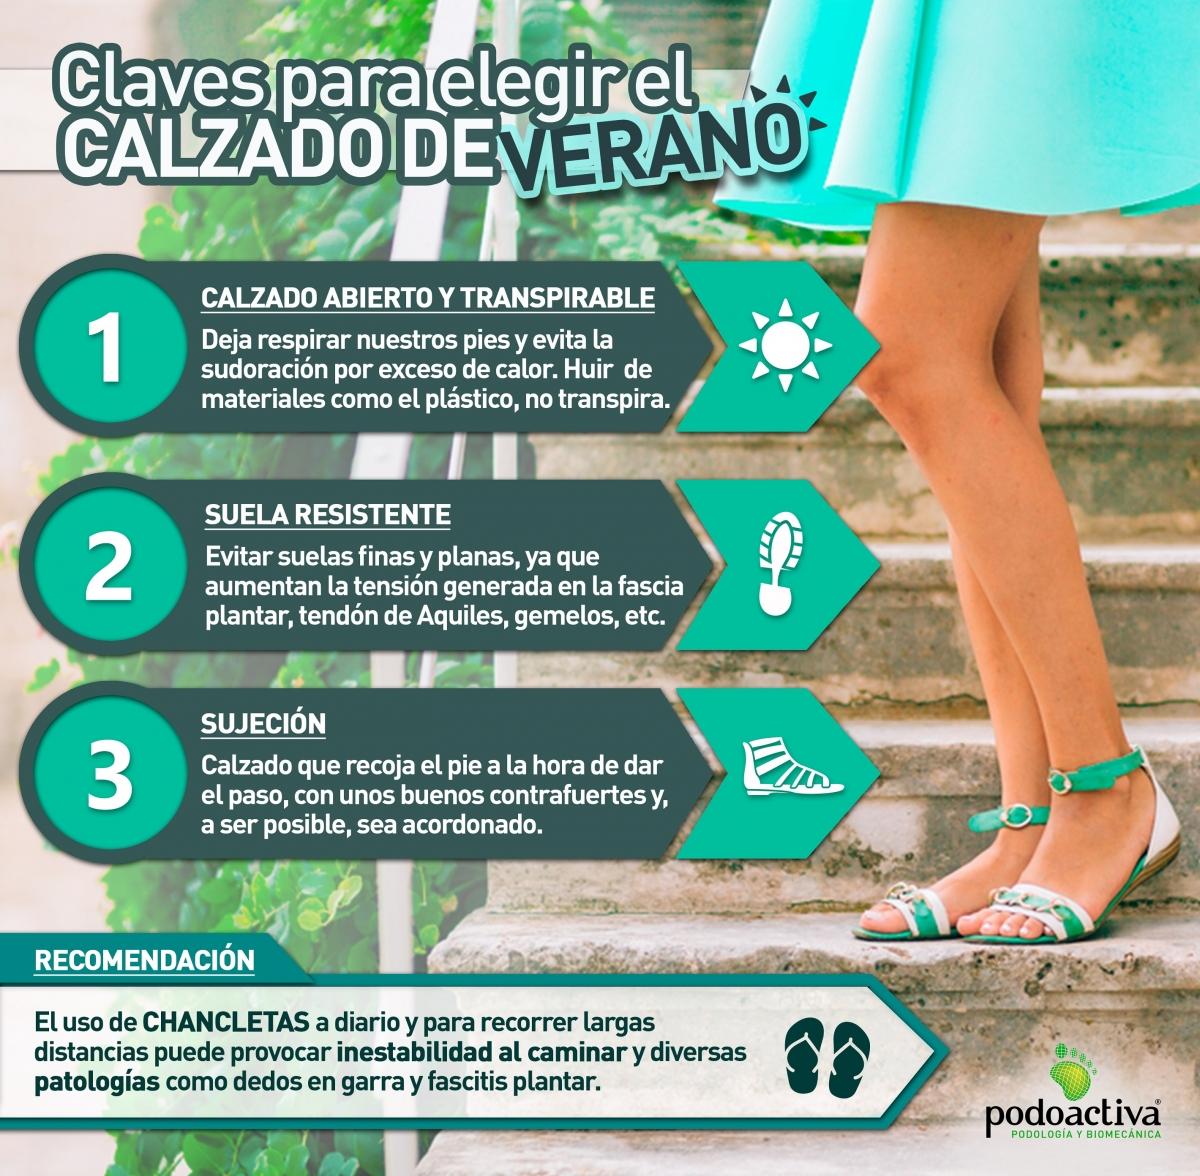 infografia_calzado_verano_003